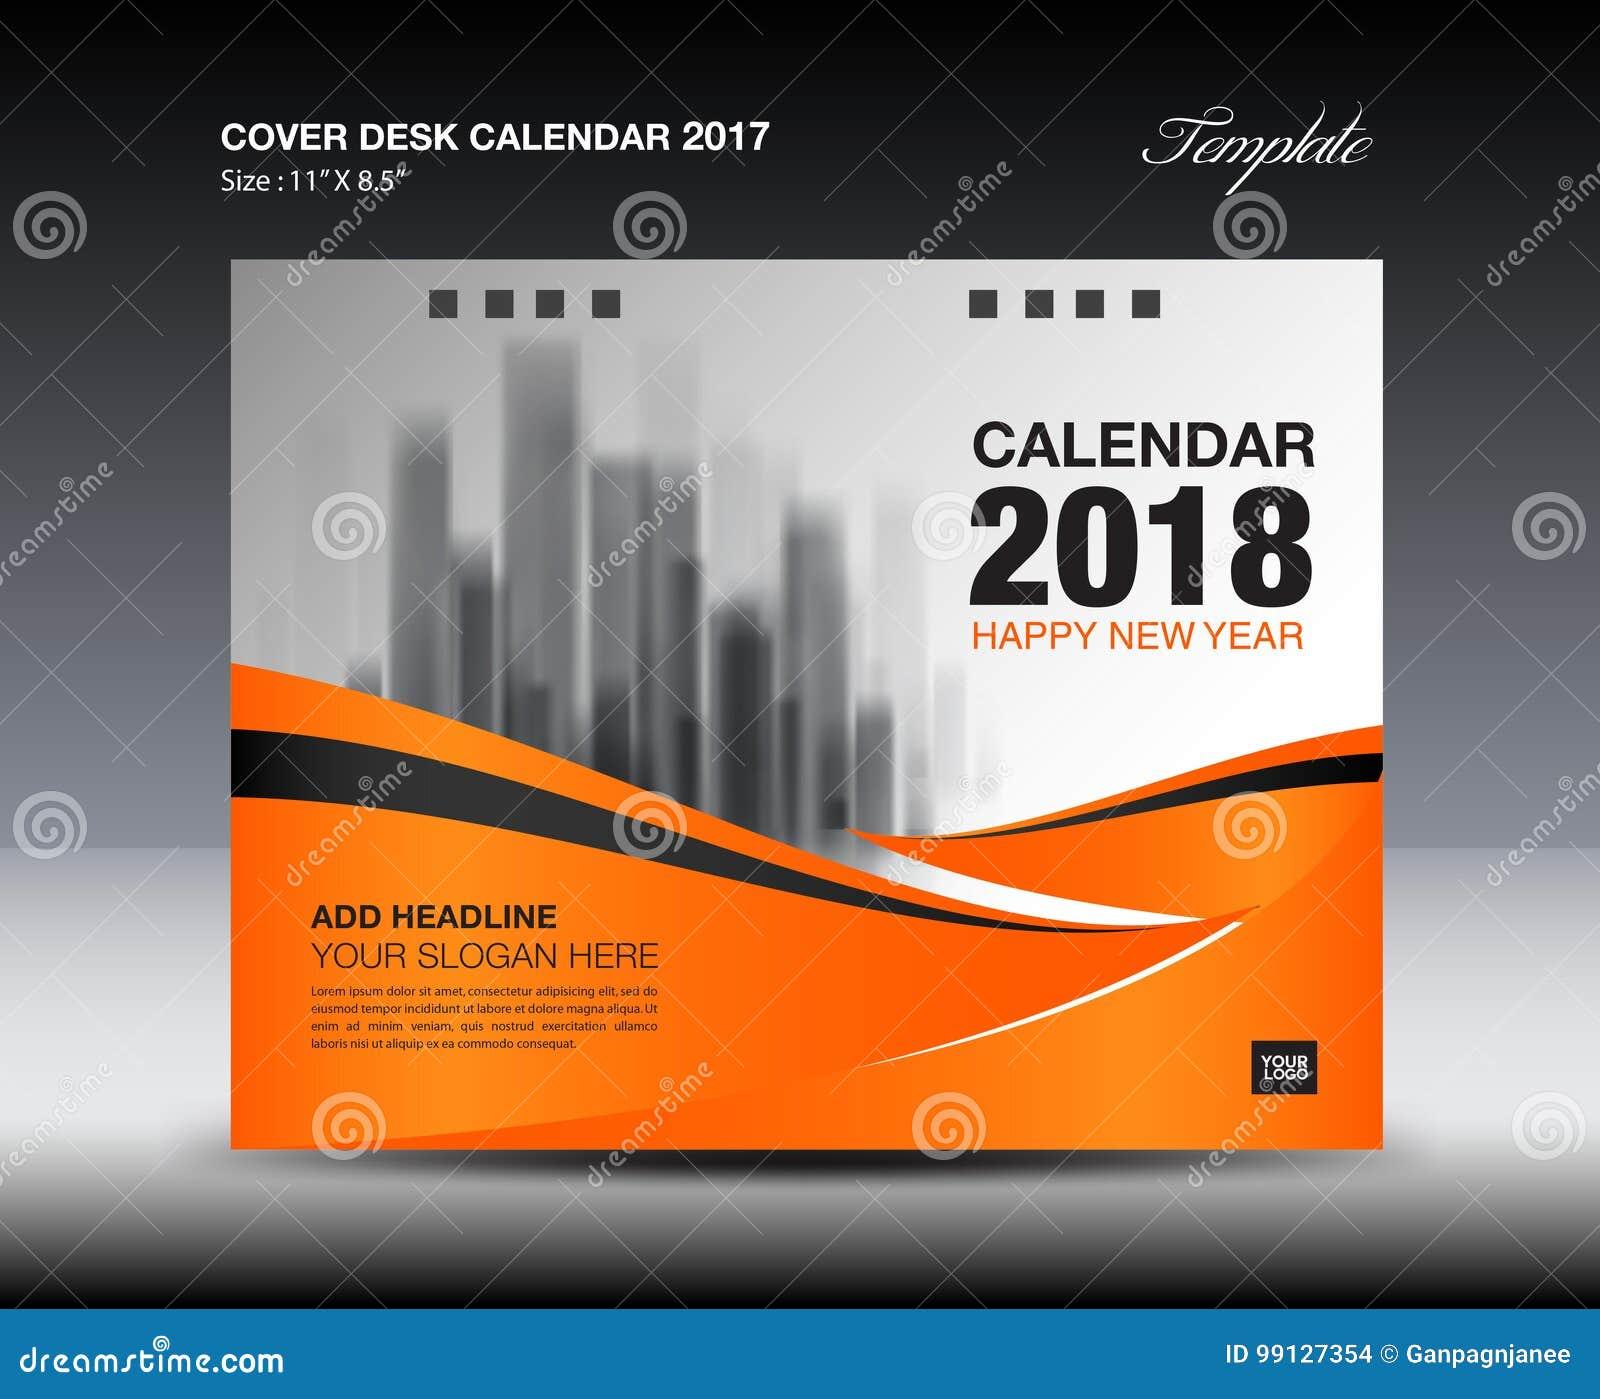 橙色盖子桌面日历2018设计,飞行物模板,广告